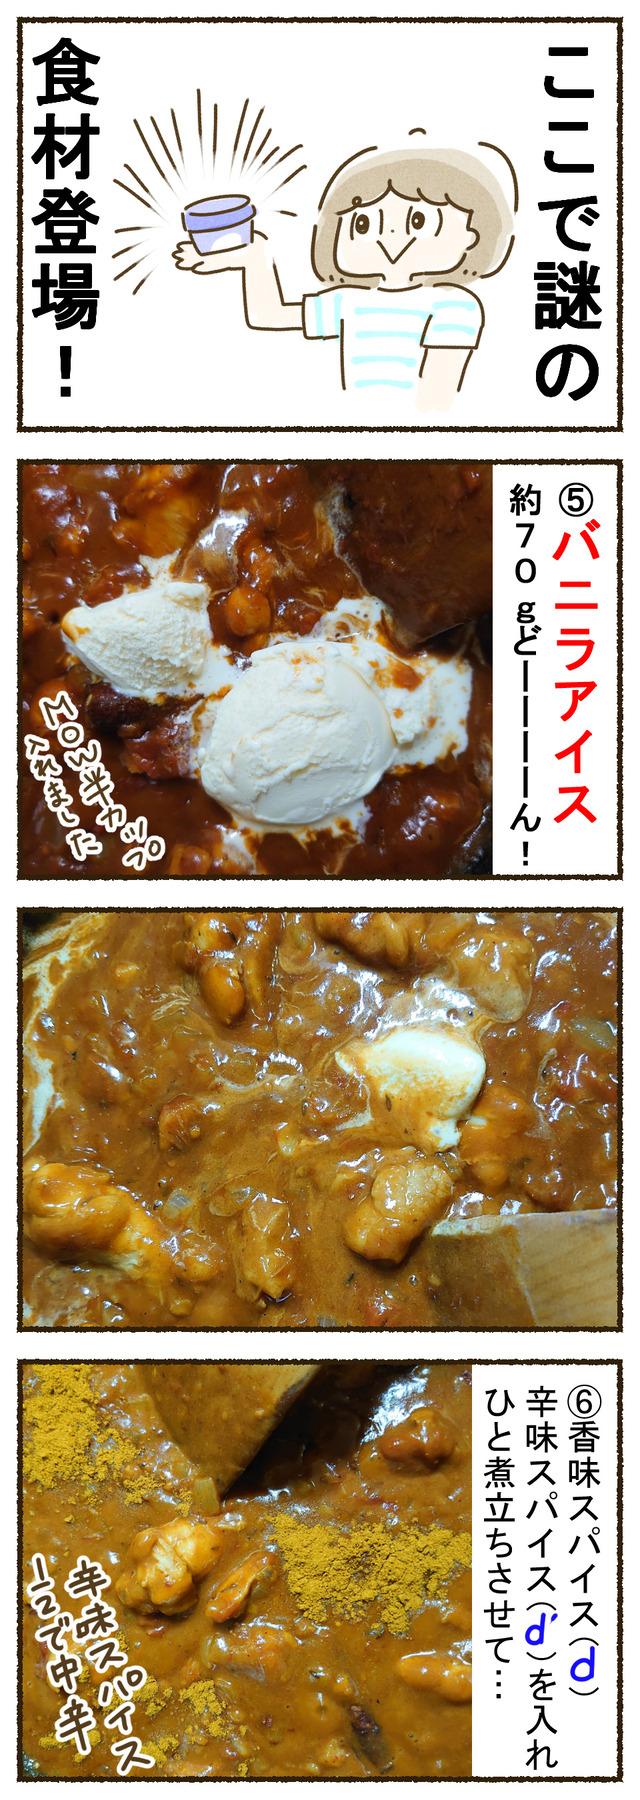 kerara_curry03